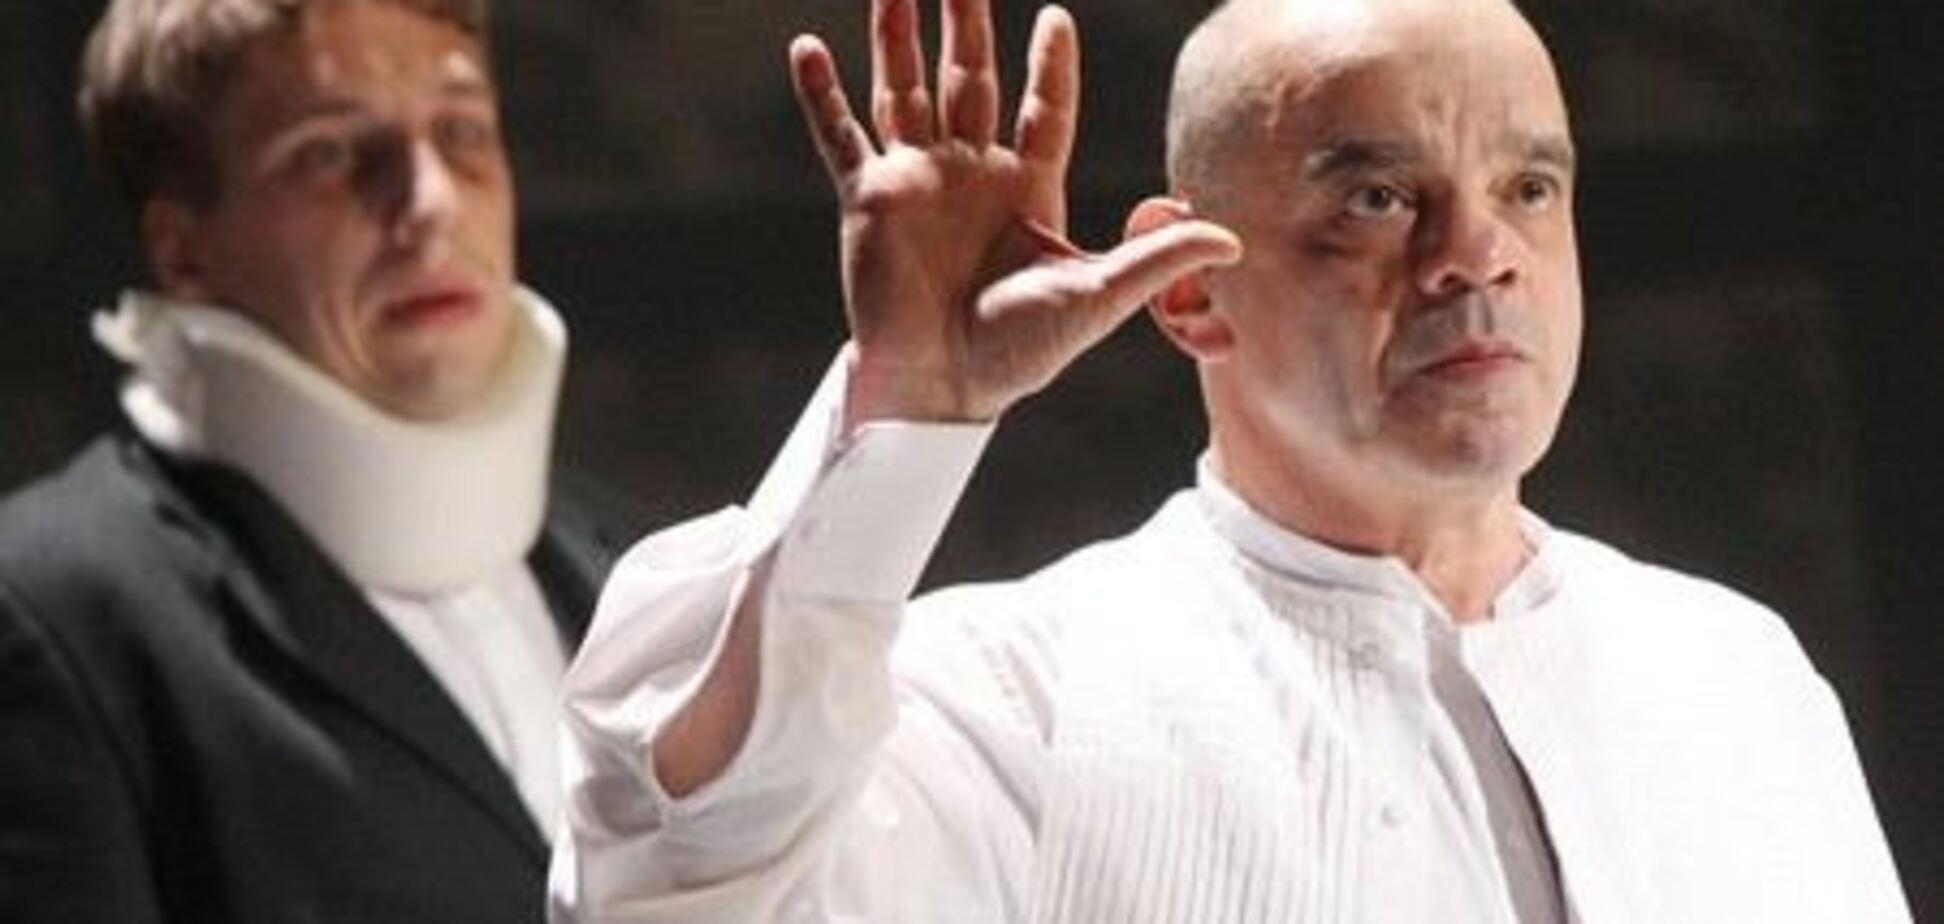 'Непонятно,успелили увести': появились подробности срыва концерта Райкина